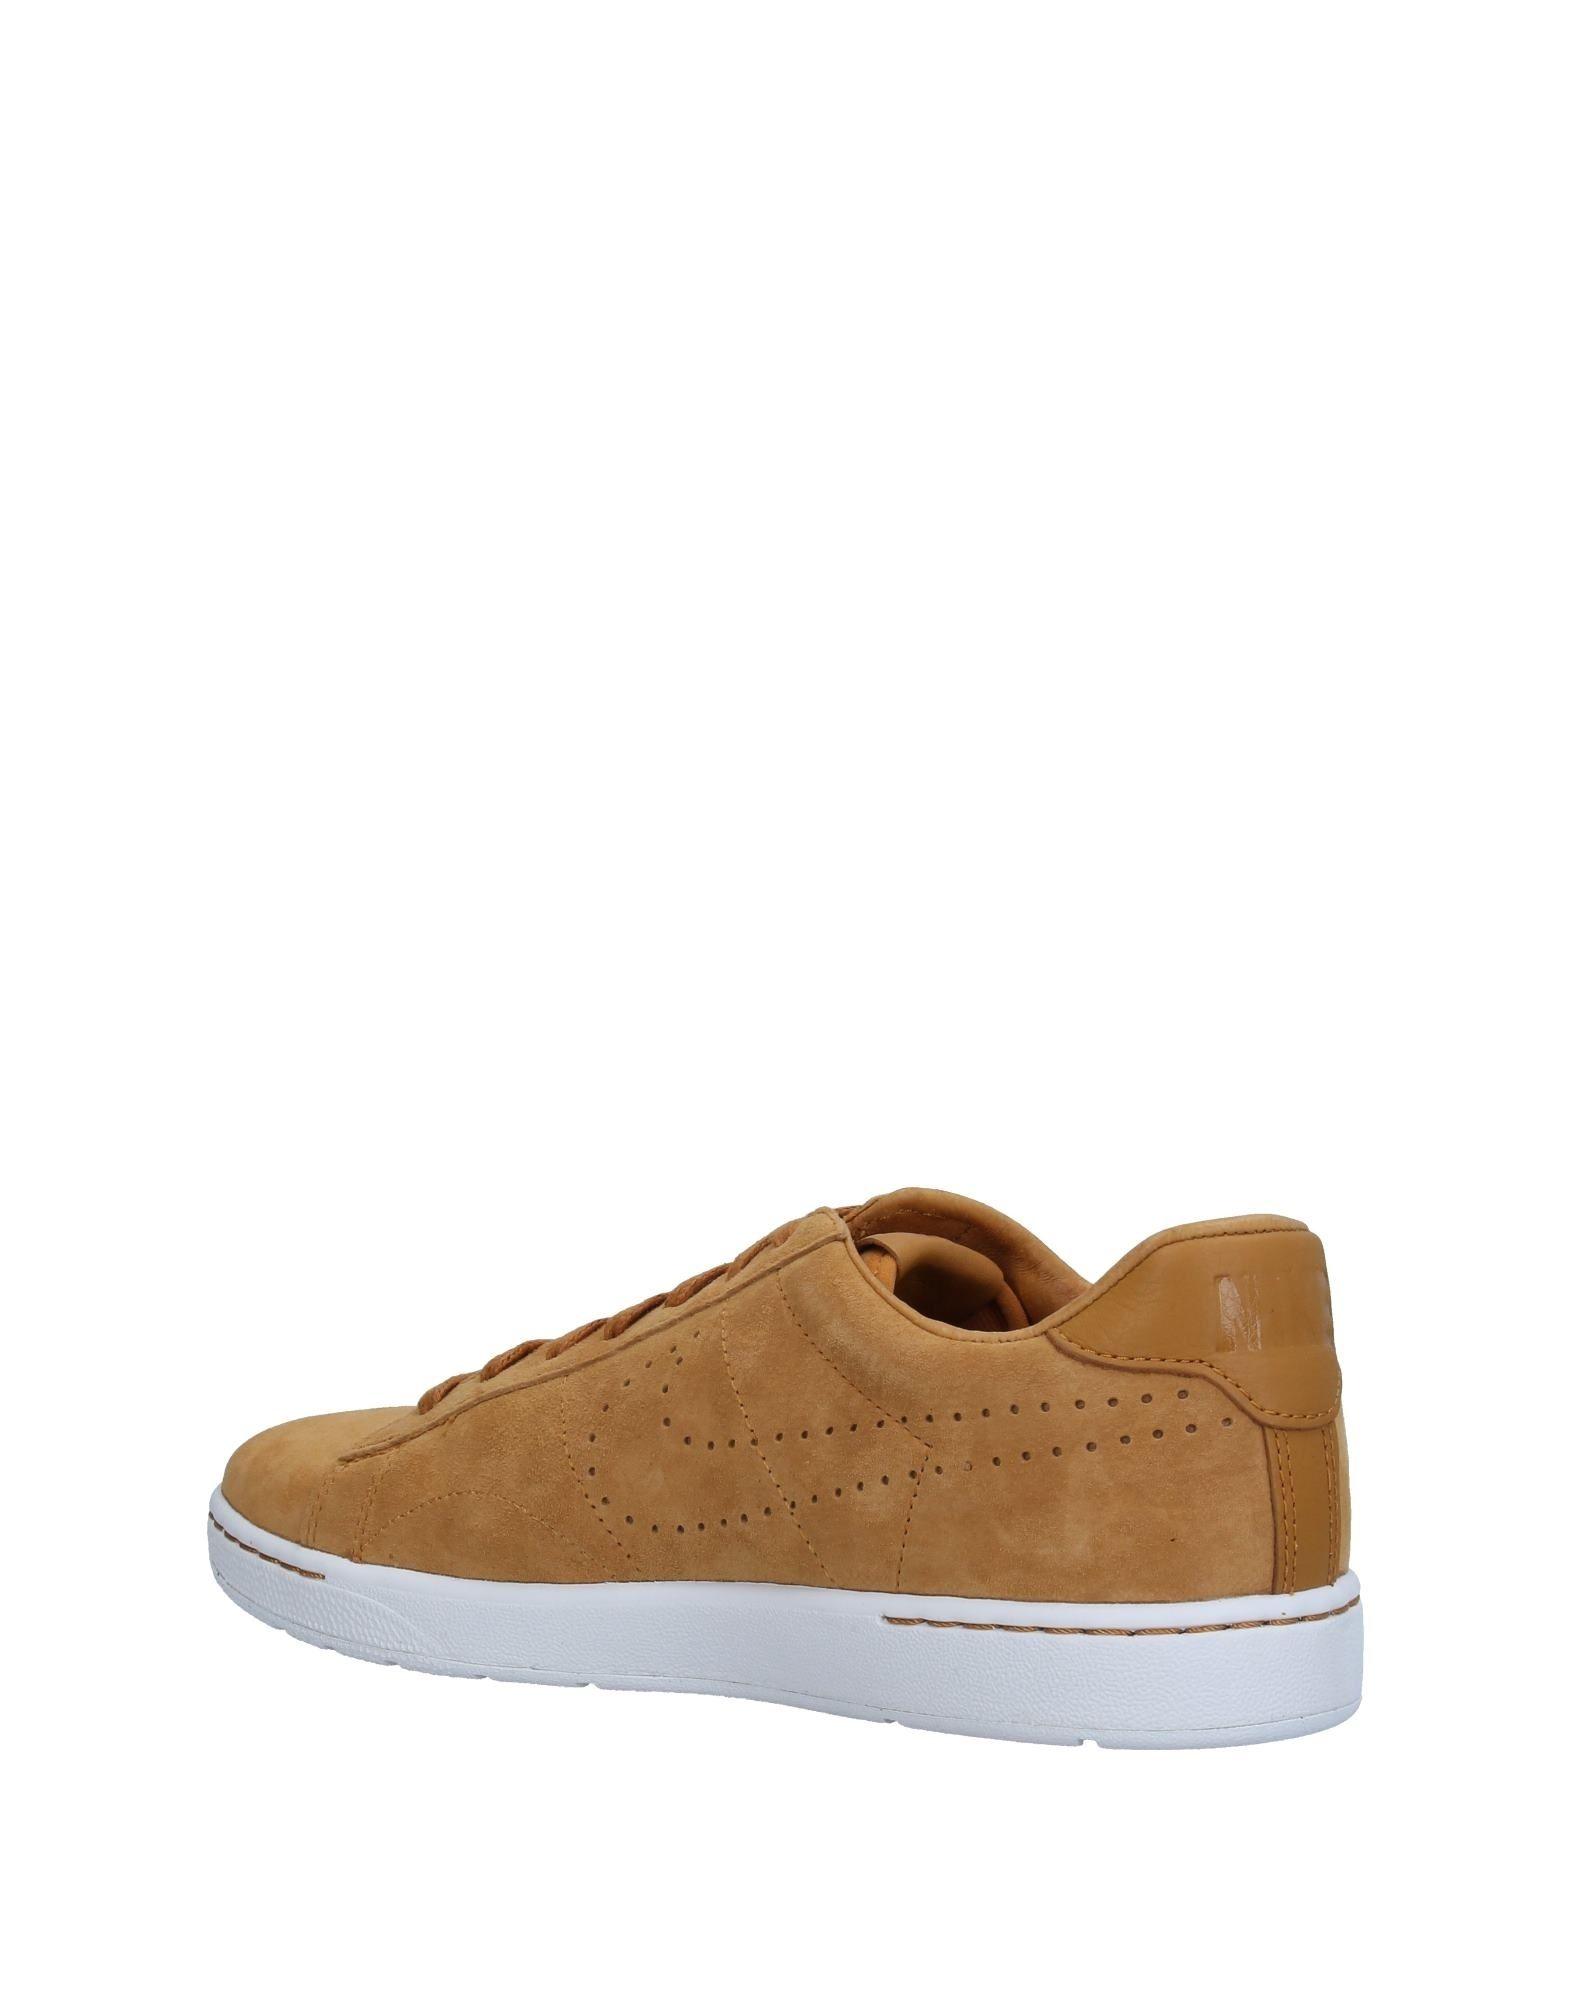 Rabatt echte Nike Schuhe Nike echte Sneakers Herren  11335568EN c1deb7